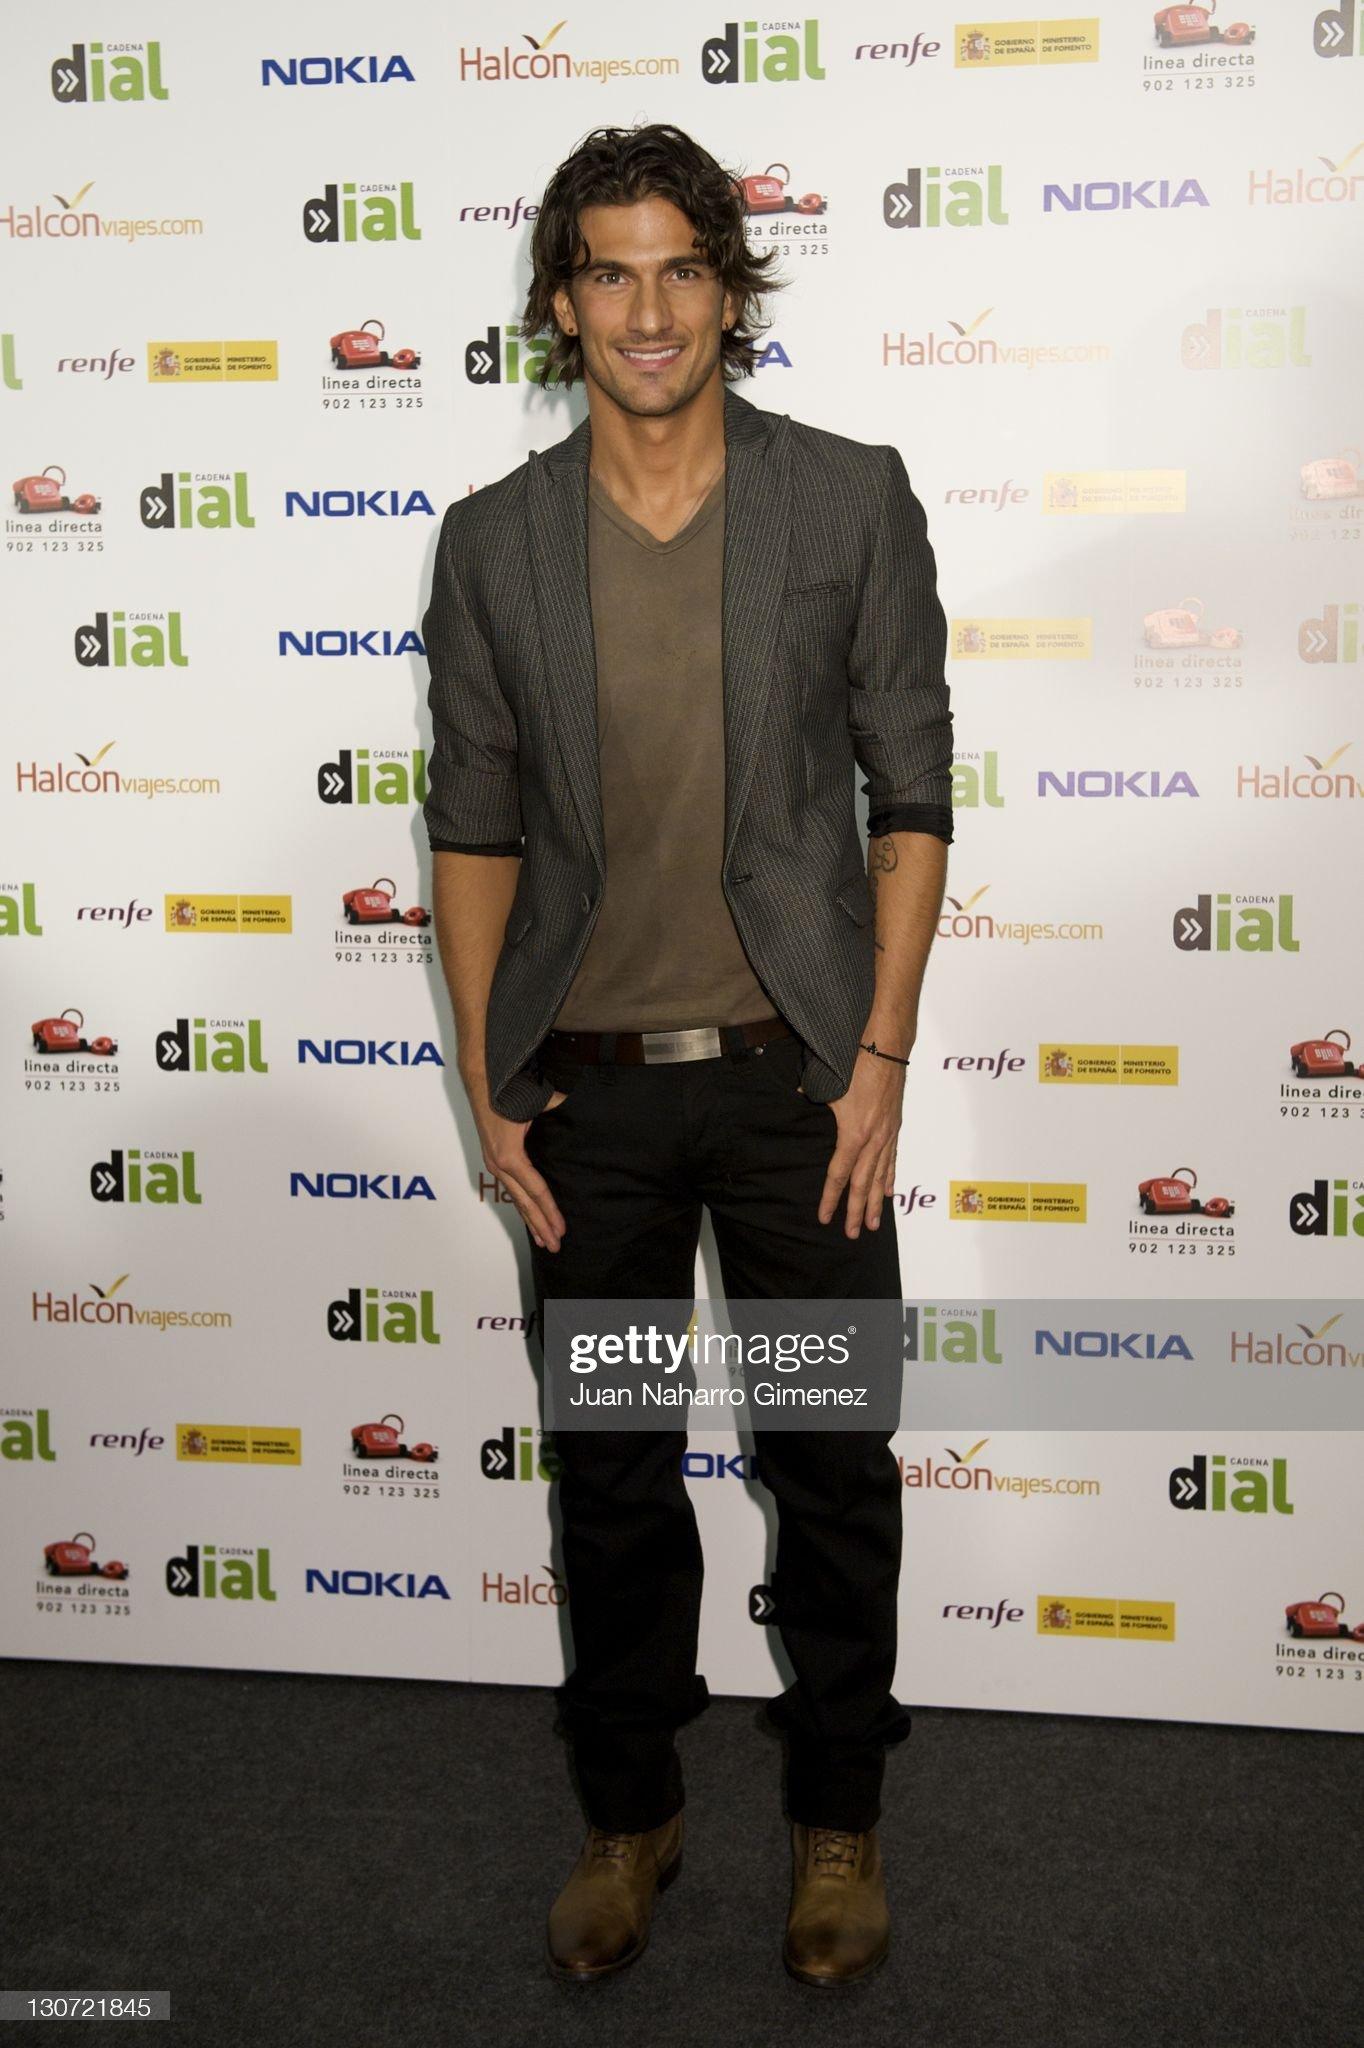 ¿Cuánto mide Hugo Salazar? - Altura Spanish-singer-hugo-salazar-attends-lo-mejor-de-aqui-y-de-alli-2011-picture-id130721845?s=2048x2048